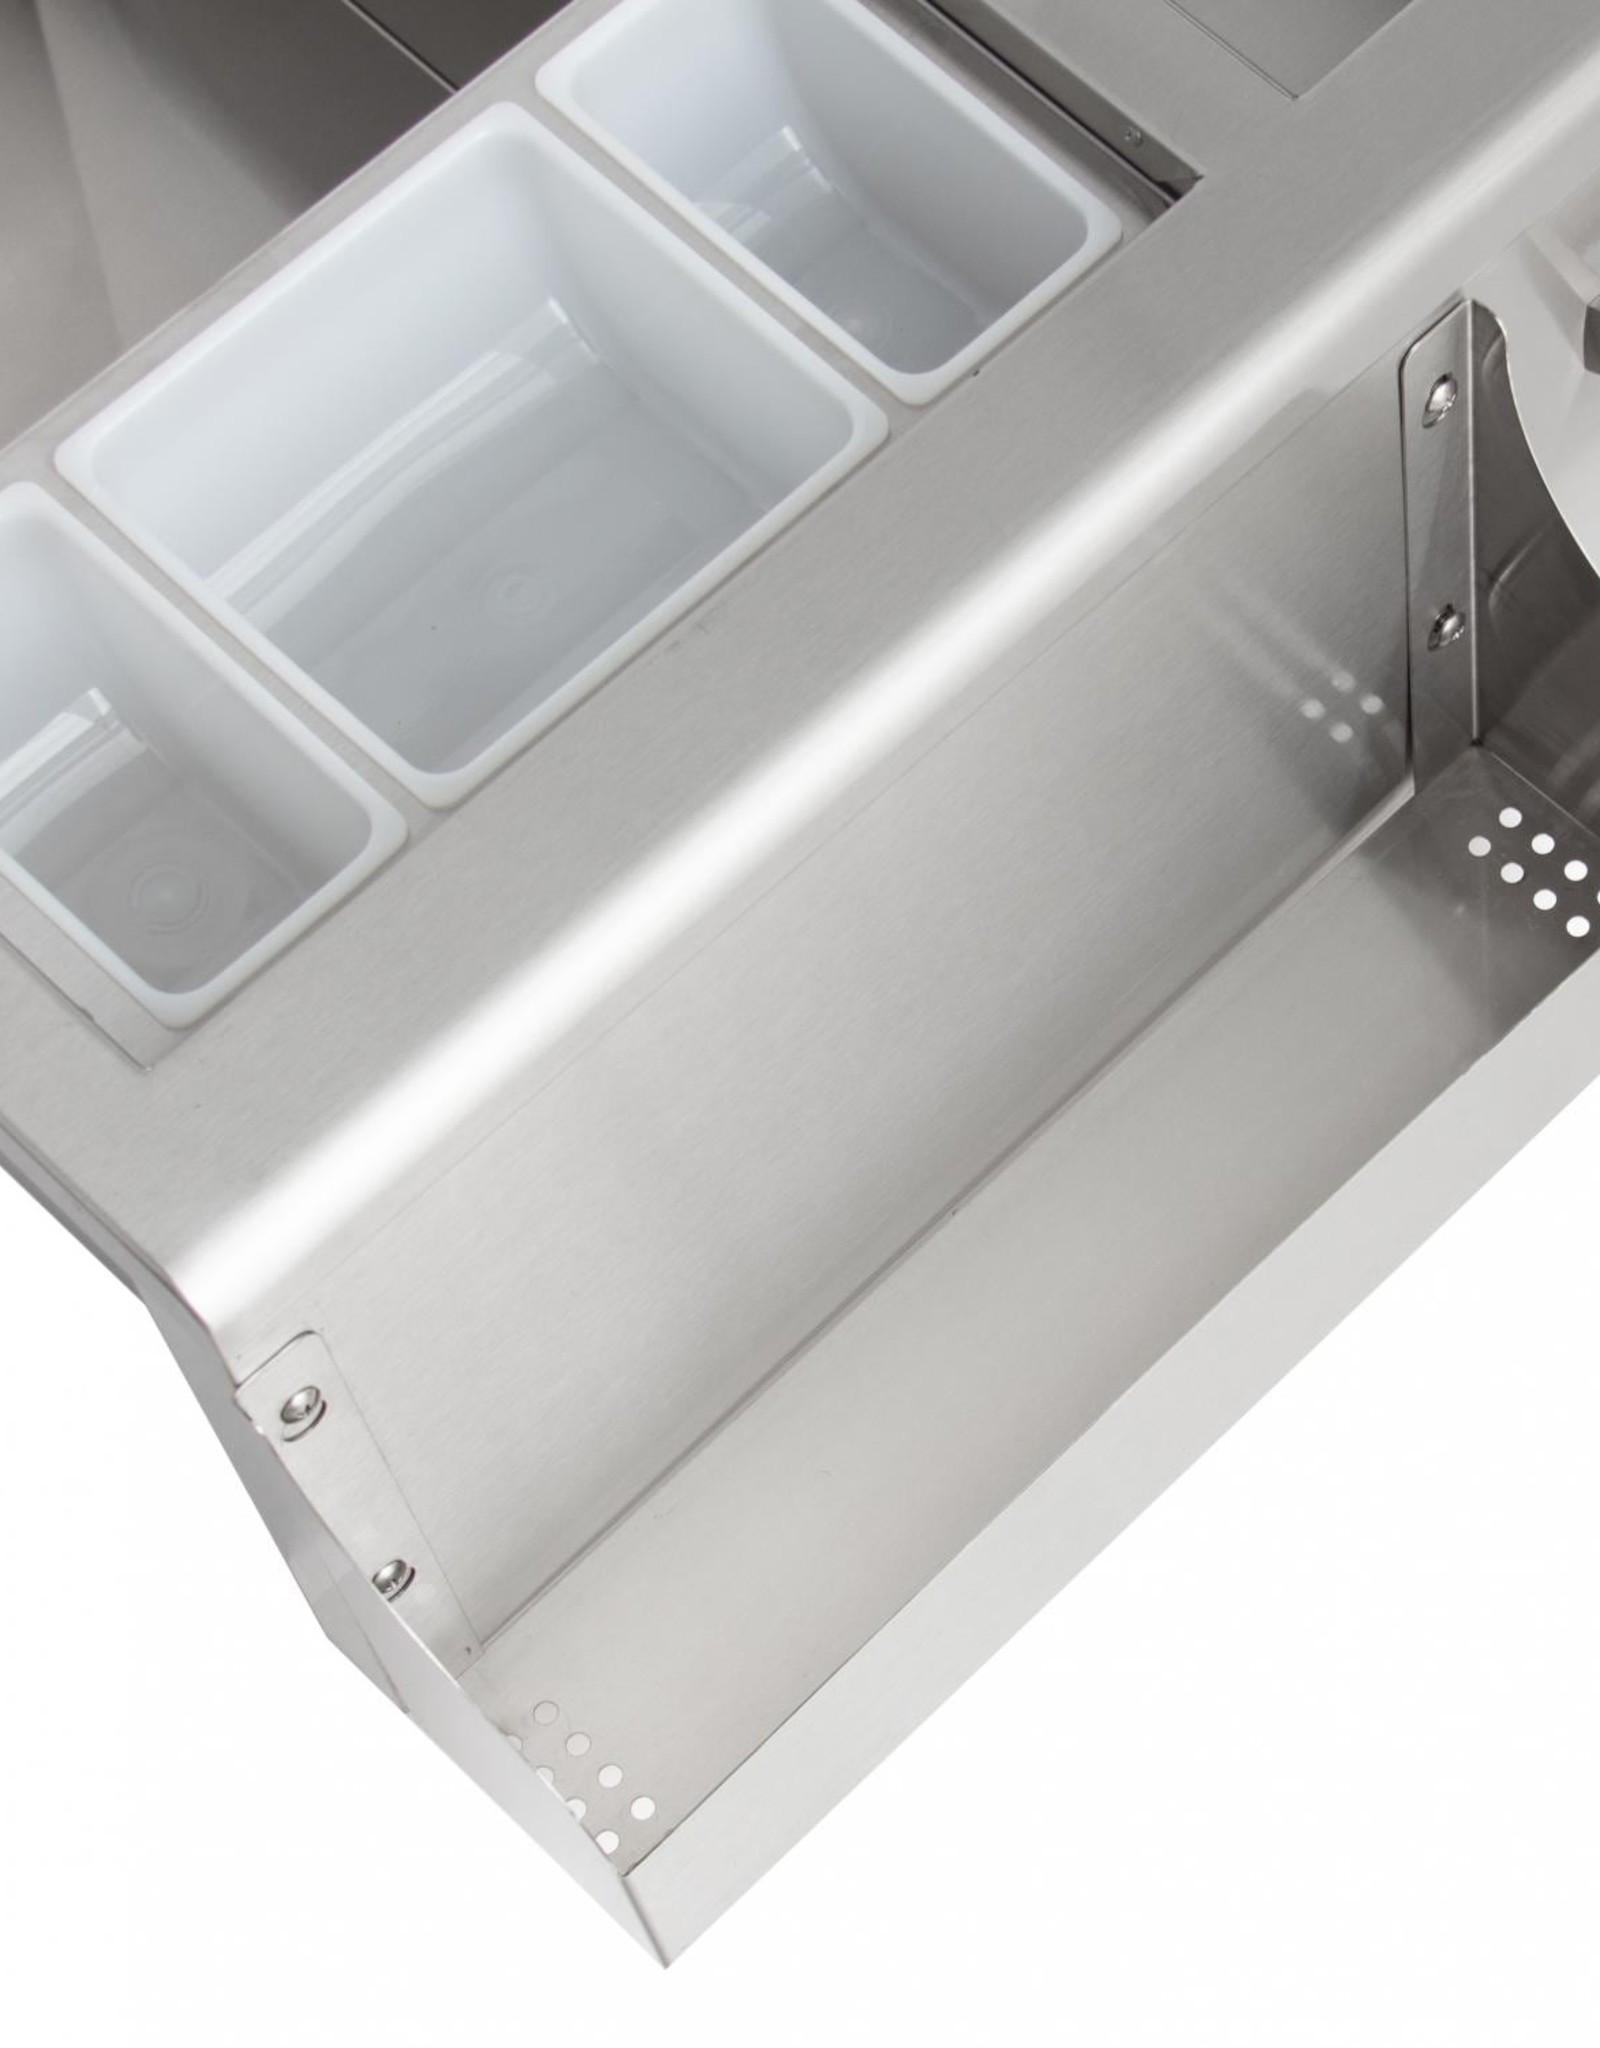 Blaze Outdoor Products Blaze 30-Inch Beverage Center With Sink & Ice Bin Cooler - BLZ-30CKT-SNK